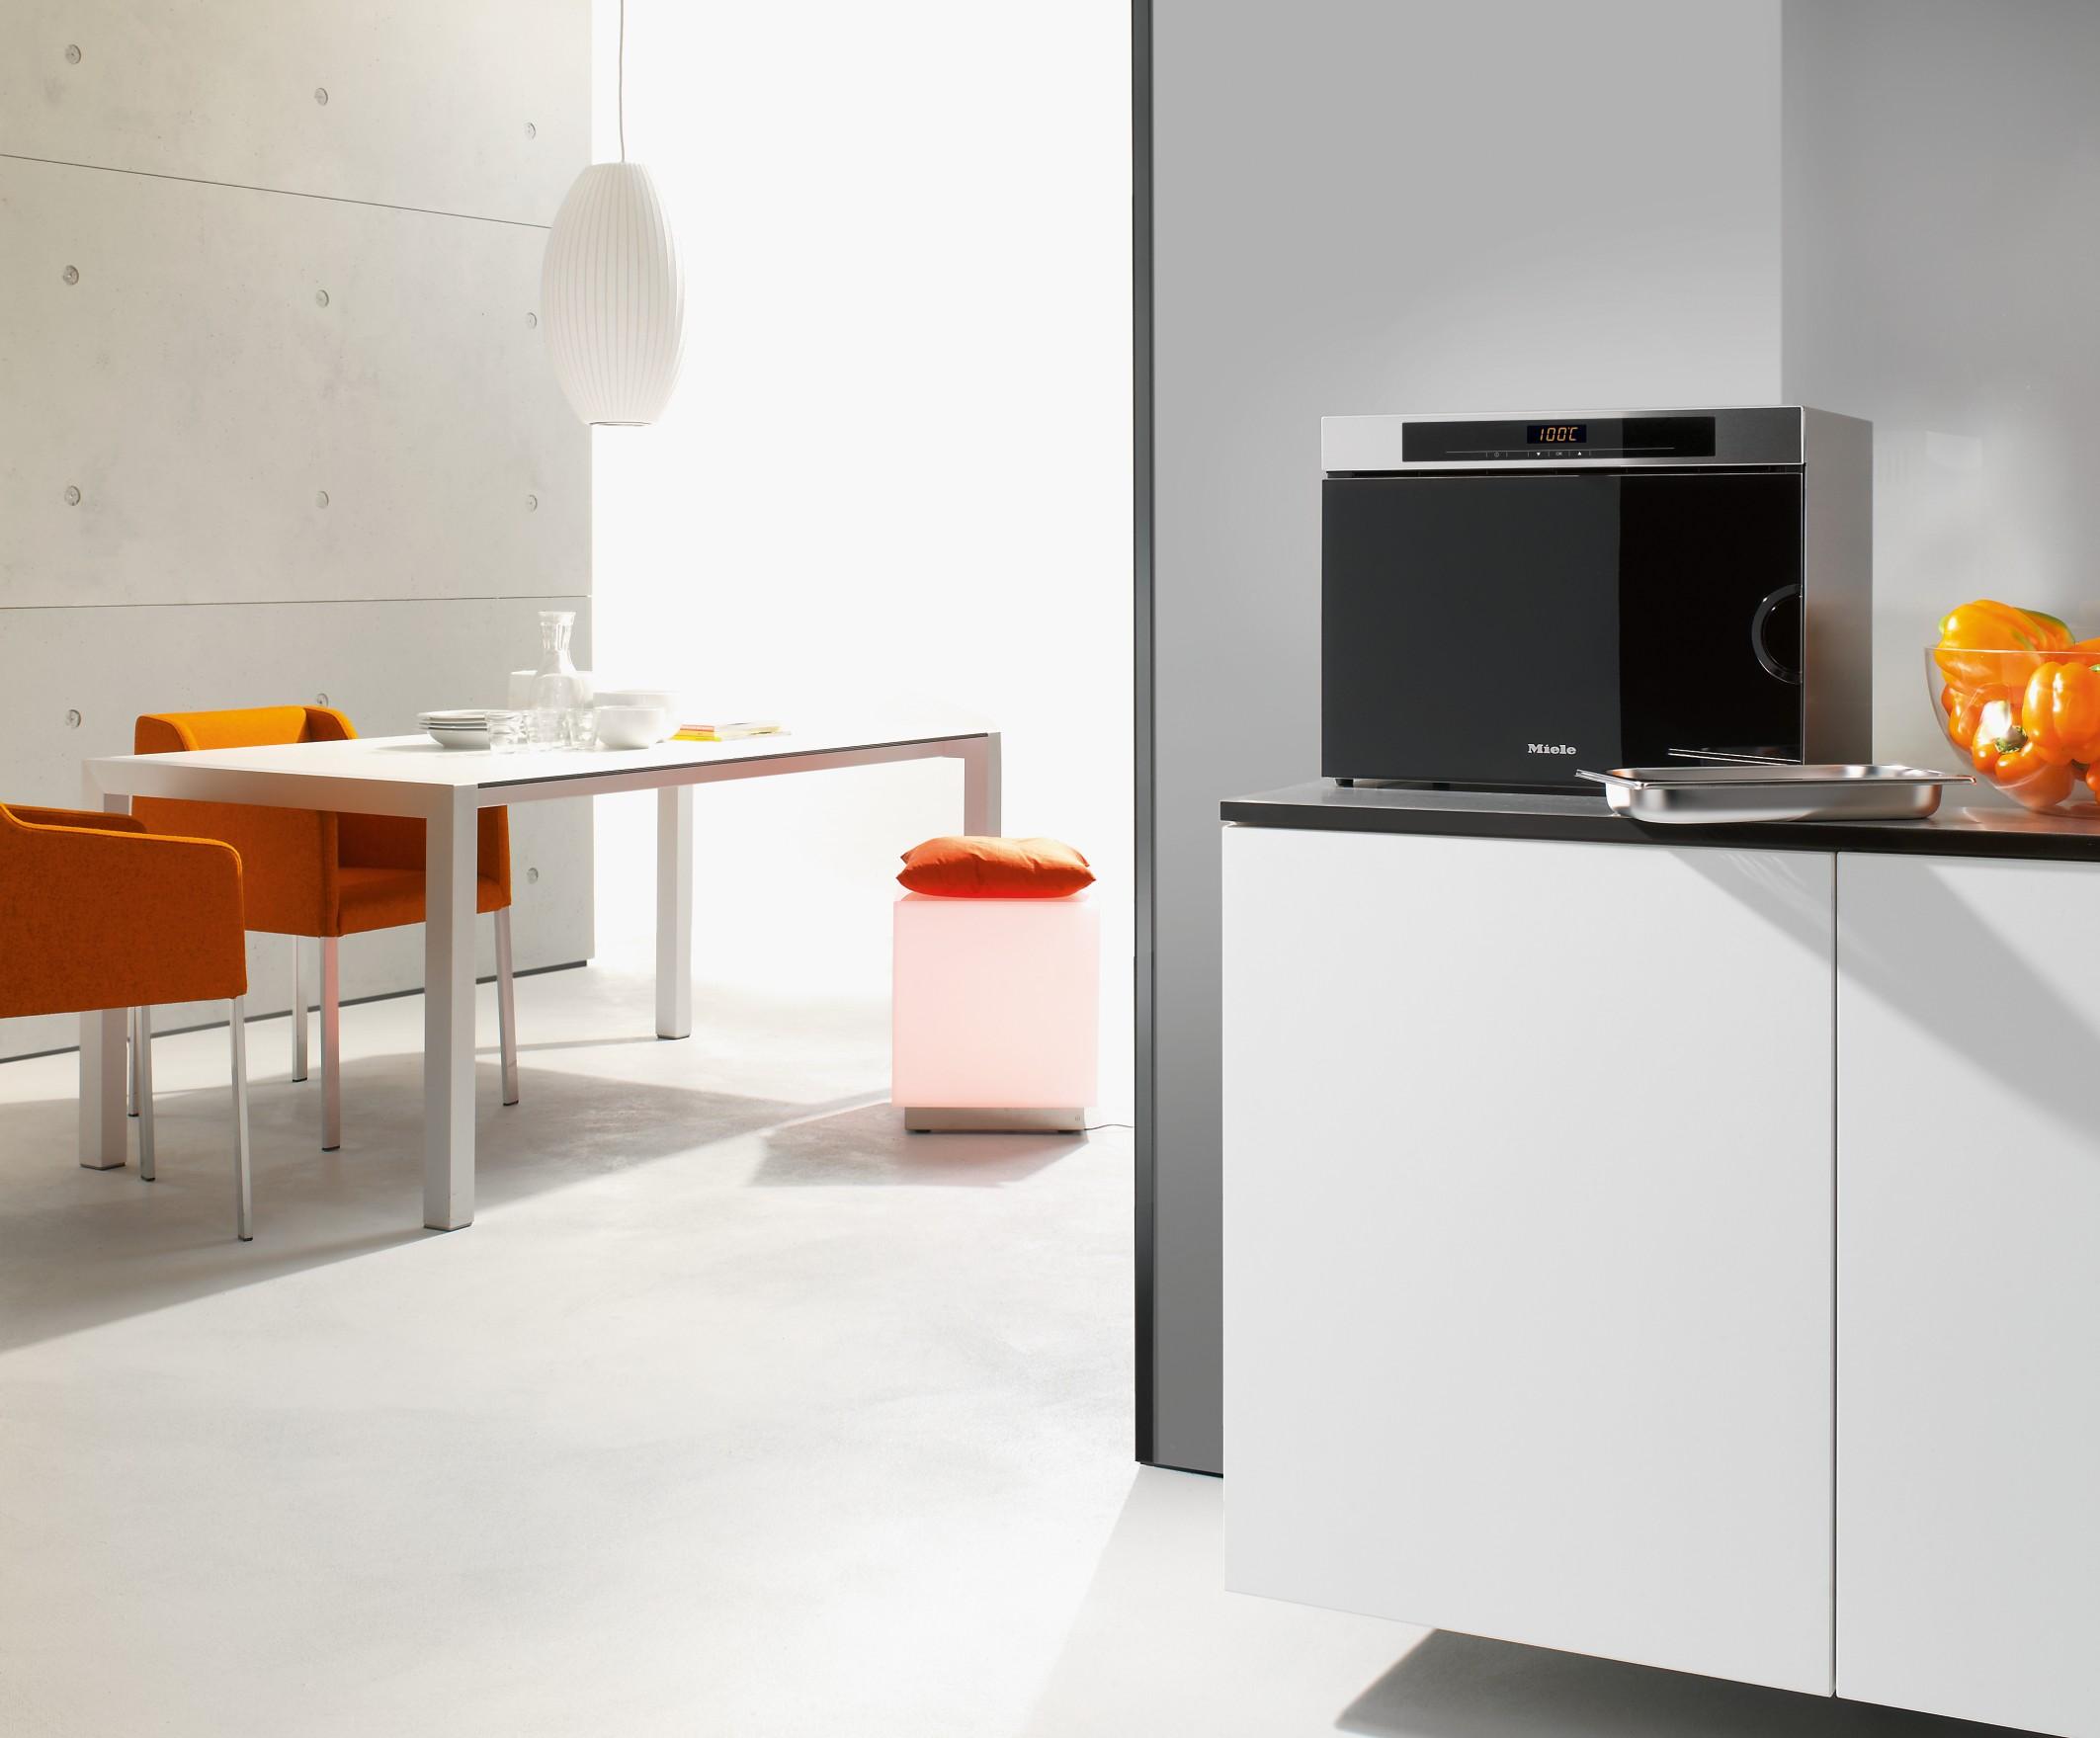 miele stellt vielseitigen dampfgarer dg 1450 vor der in jeder k che platz findet. Black Bedroom Furniture Sets. Home Design Ideas